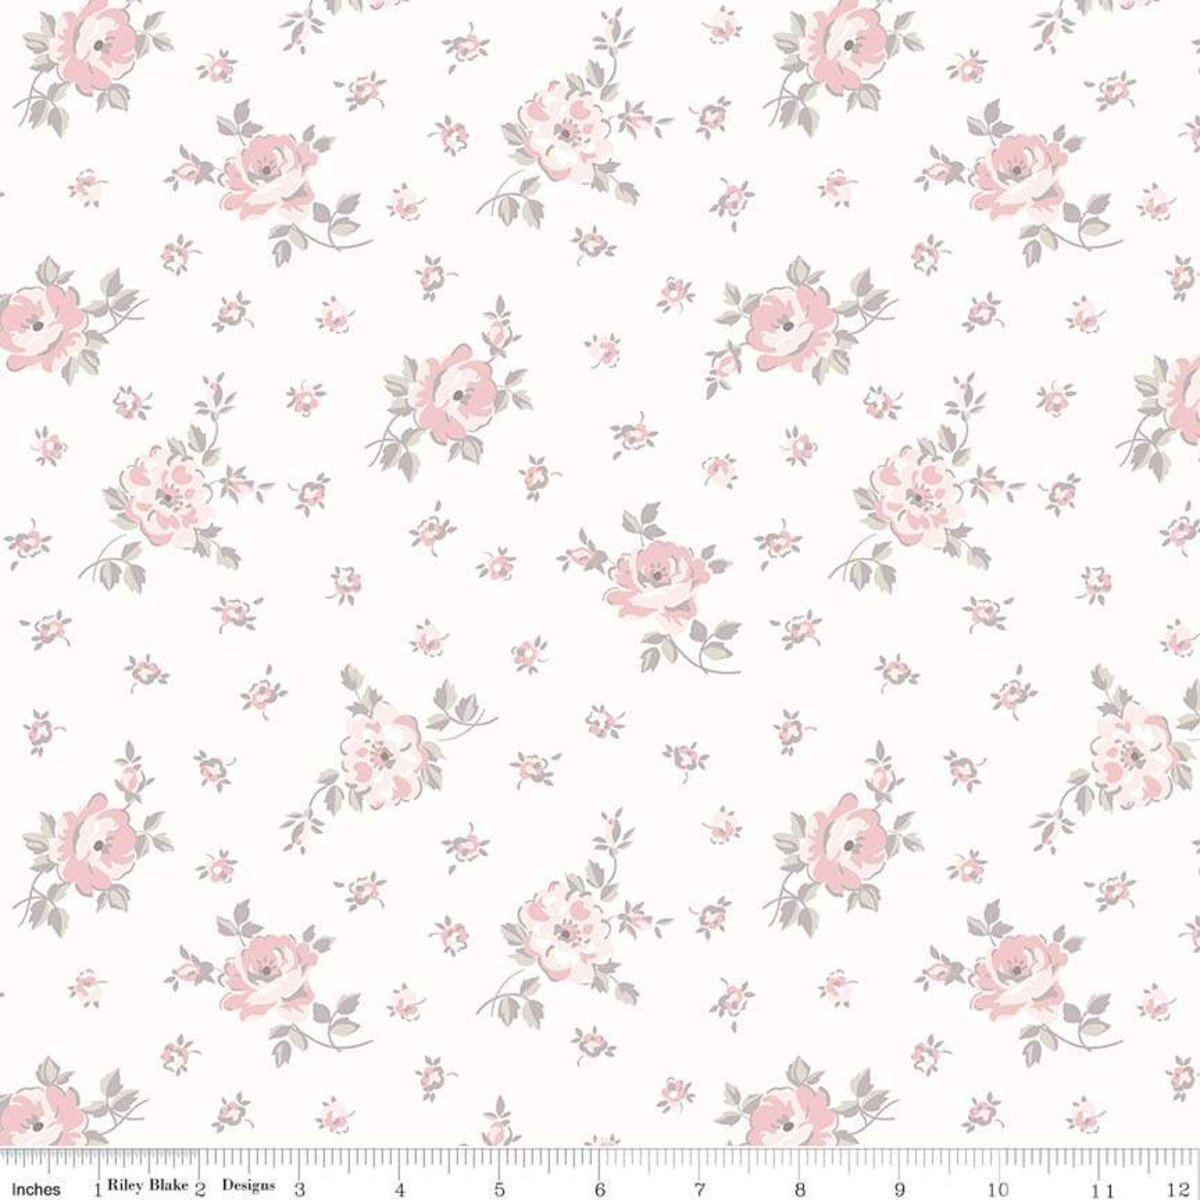 C7685-CREAM_Floral Toss Rose Garden